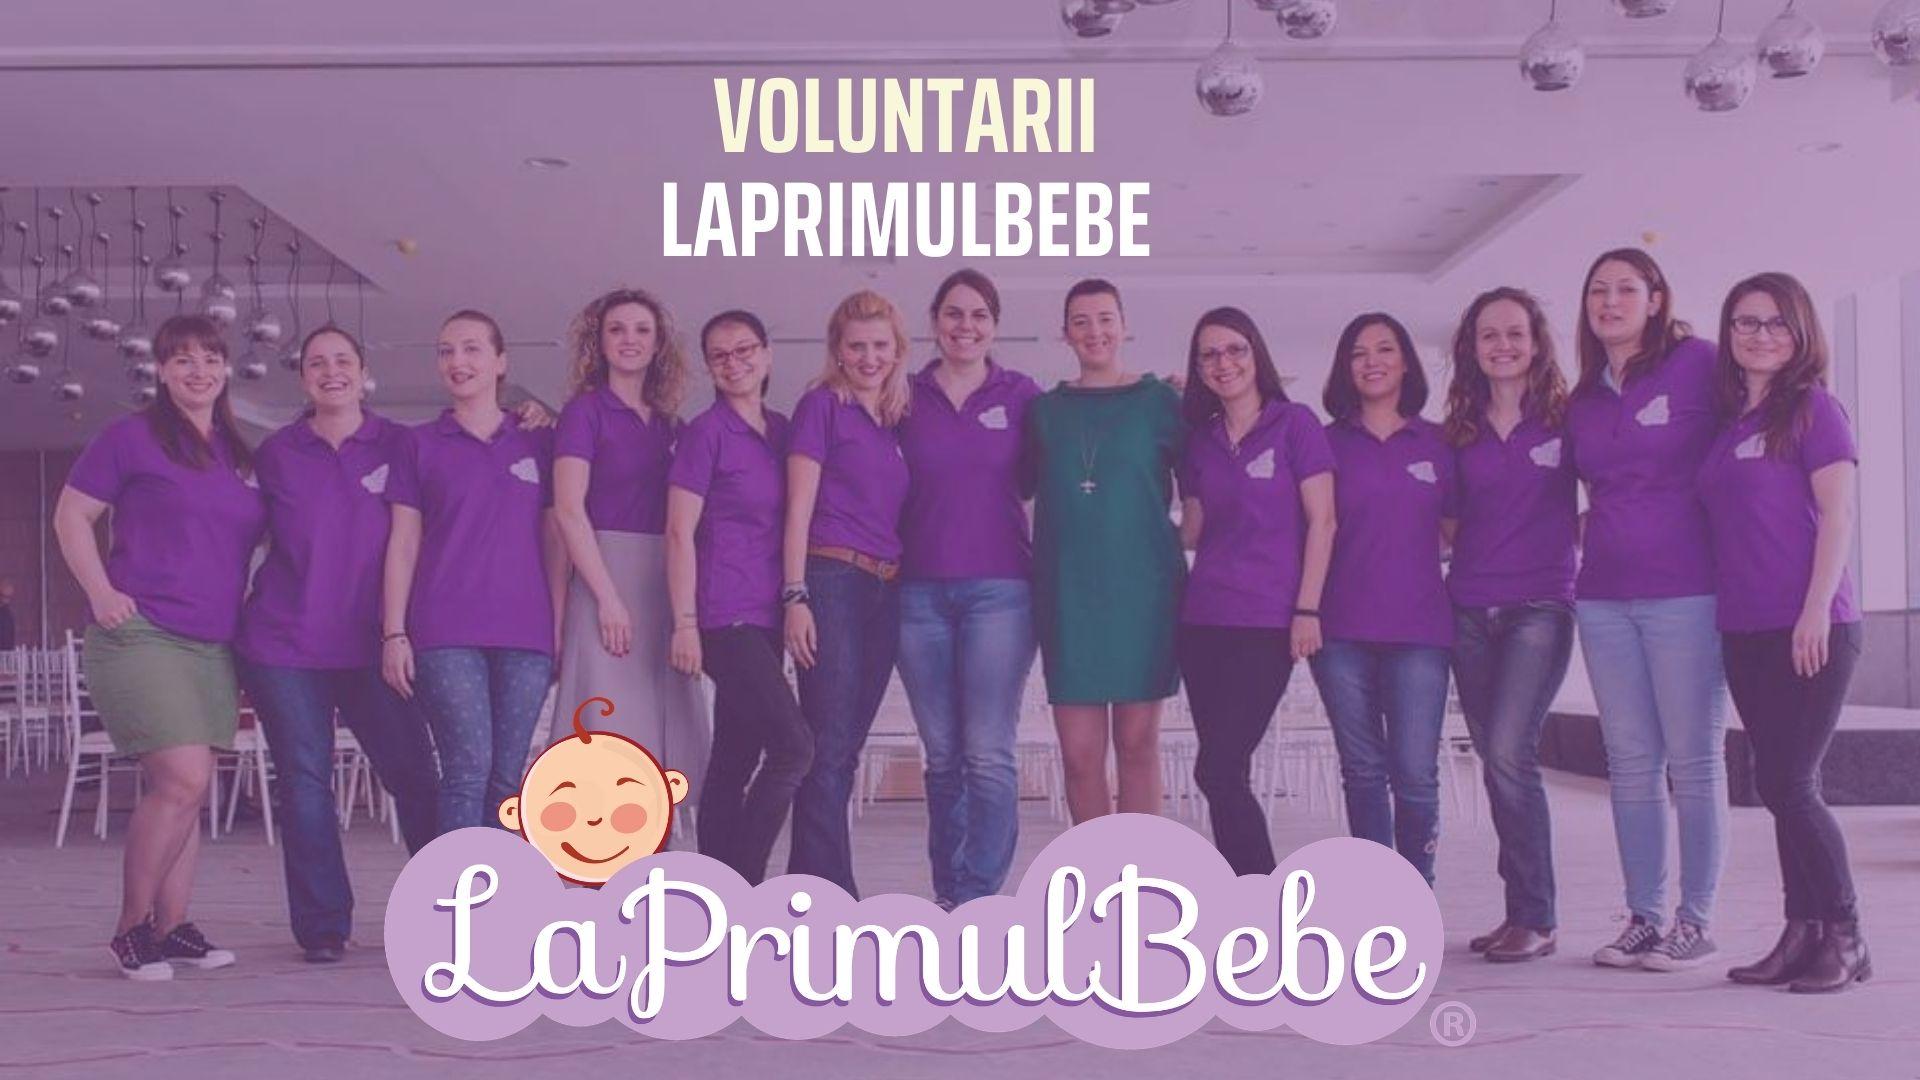 Programul de voluntariat pentru mame LaPrimulBebe